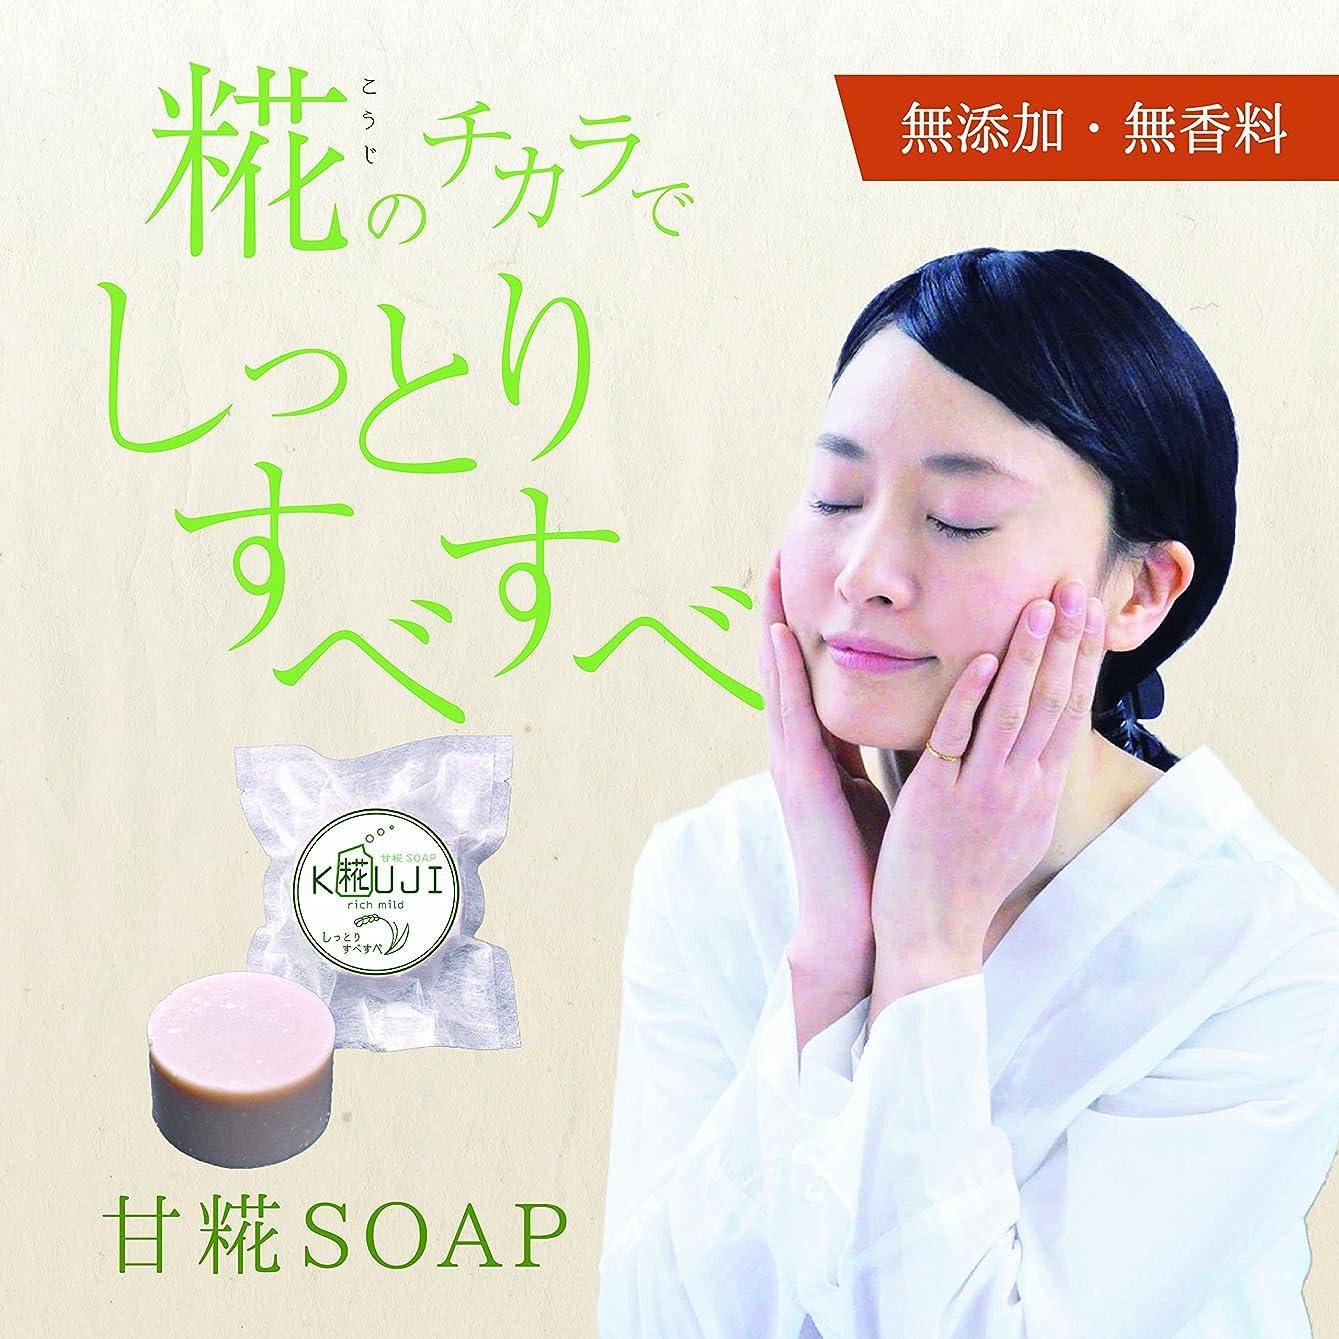 神経見る人平手打ち甘糀SOAP(リッチマイルド)